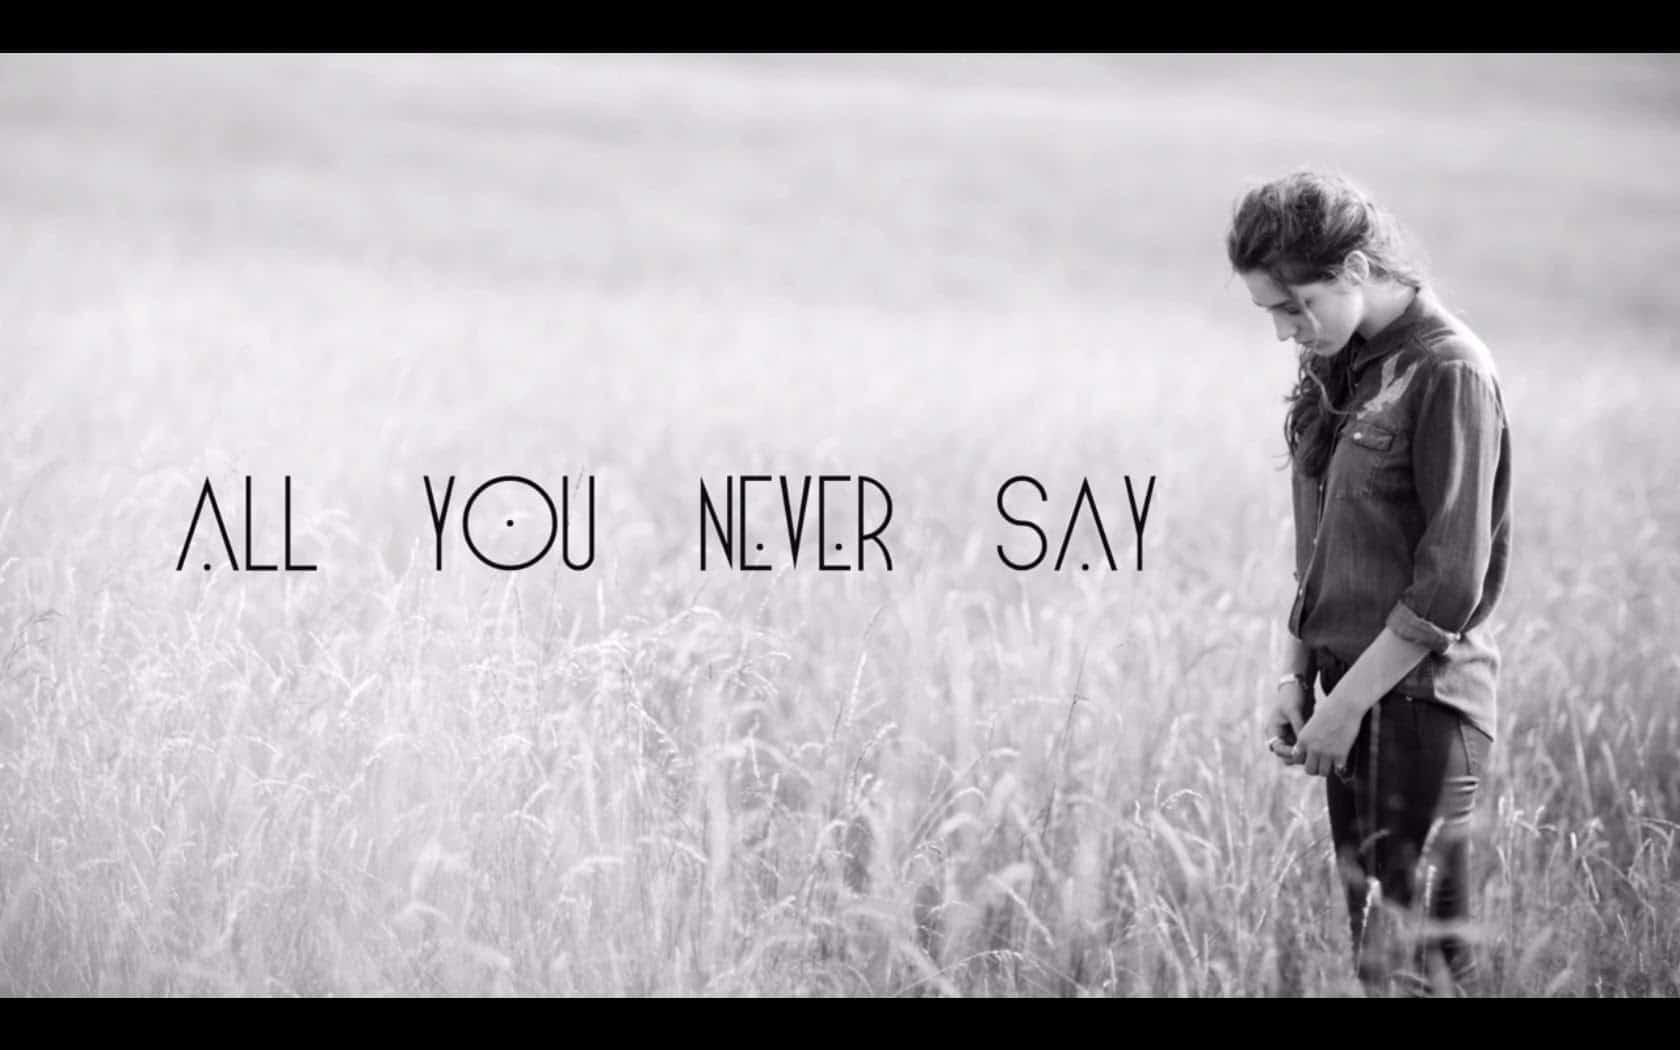 แปลเพลง All You Never Say